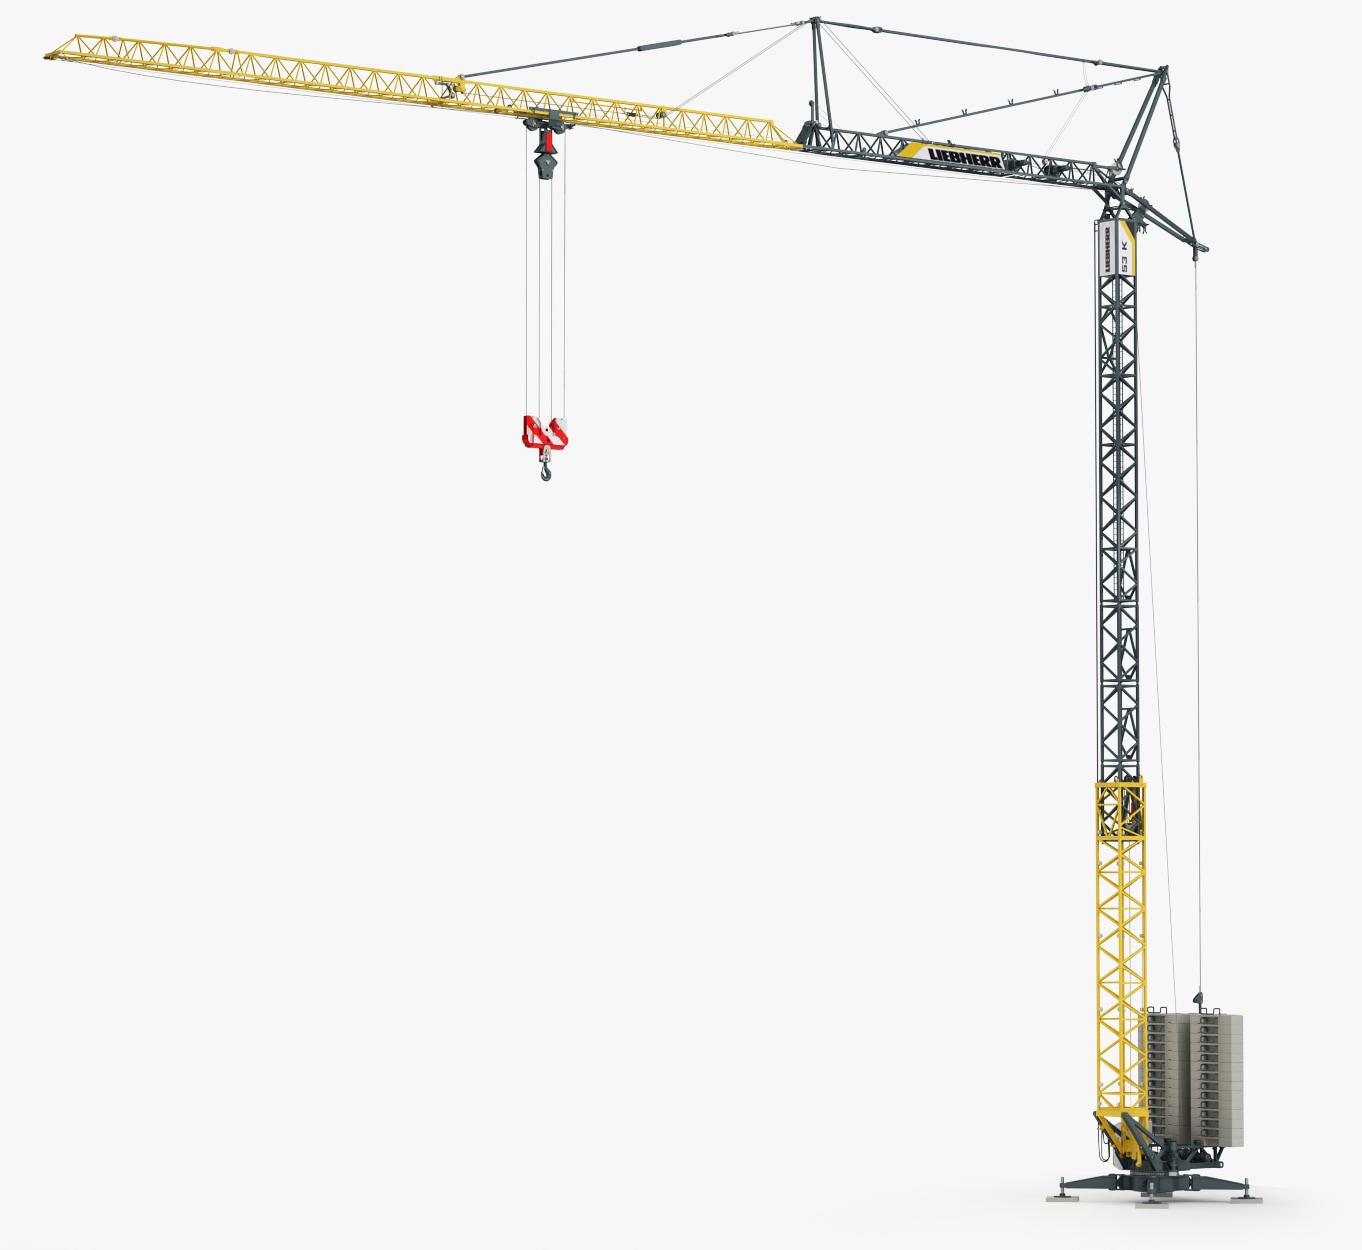 tower crane liebherr 53k 3ds